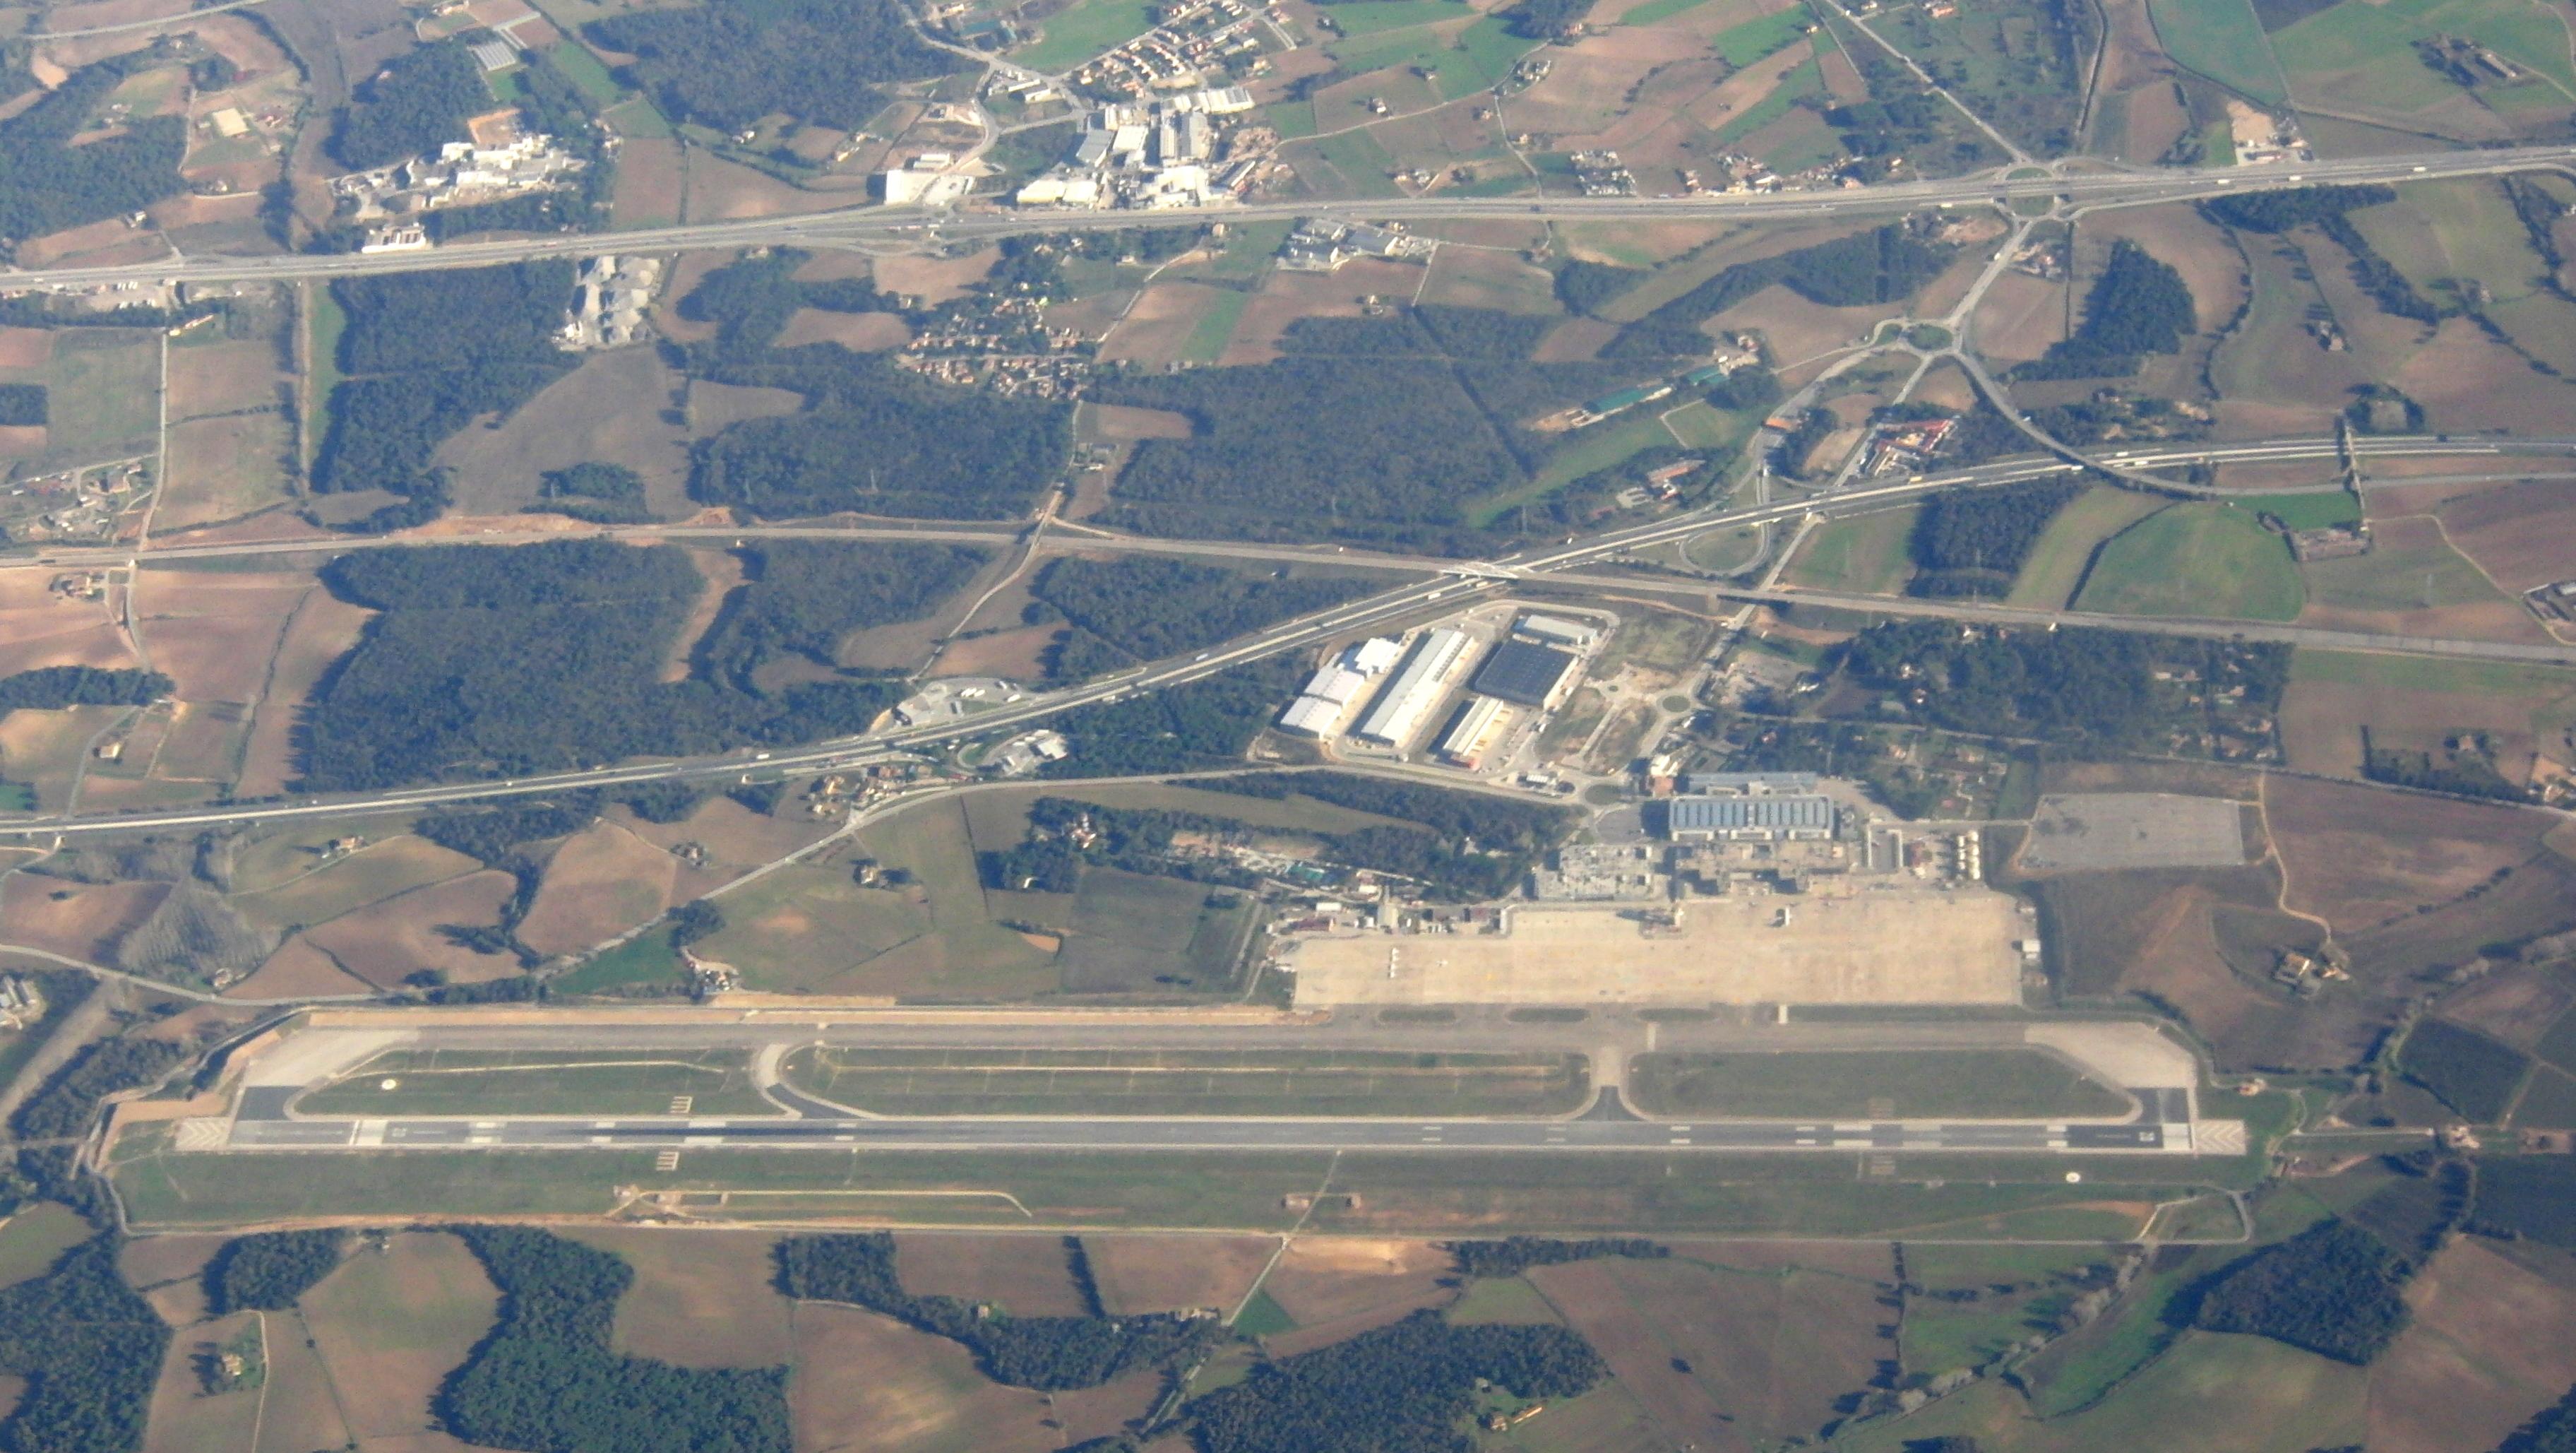 Girona Costa Brava Airport Wikipedia